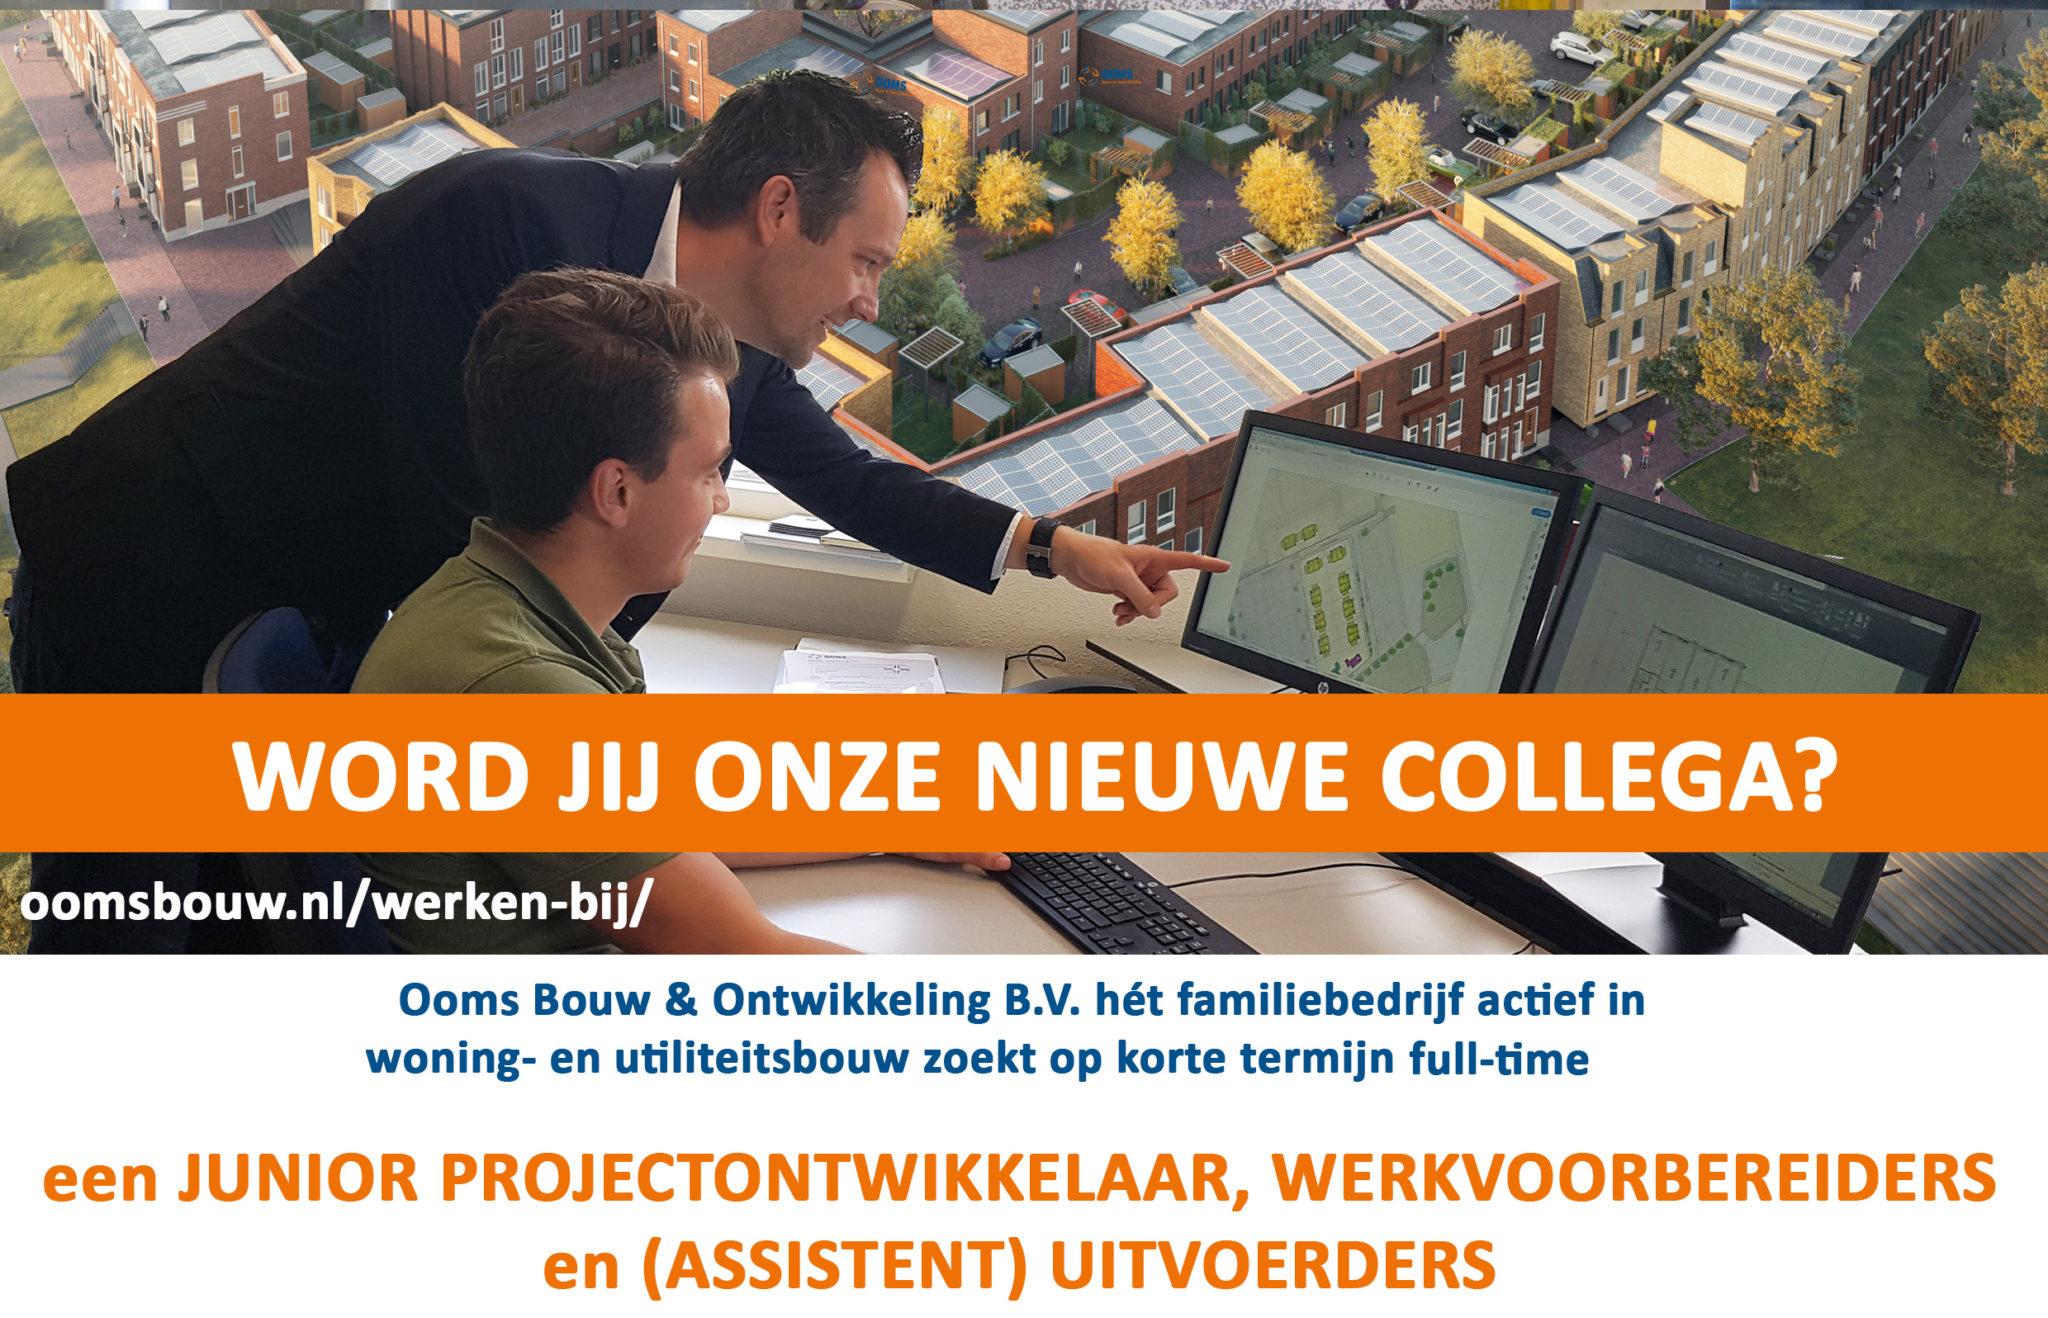 Ooms Bouw & Ontwikkeling Zoekt Versterking!